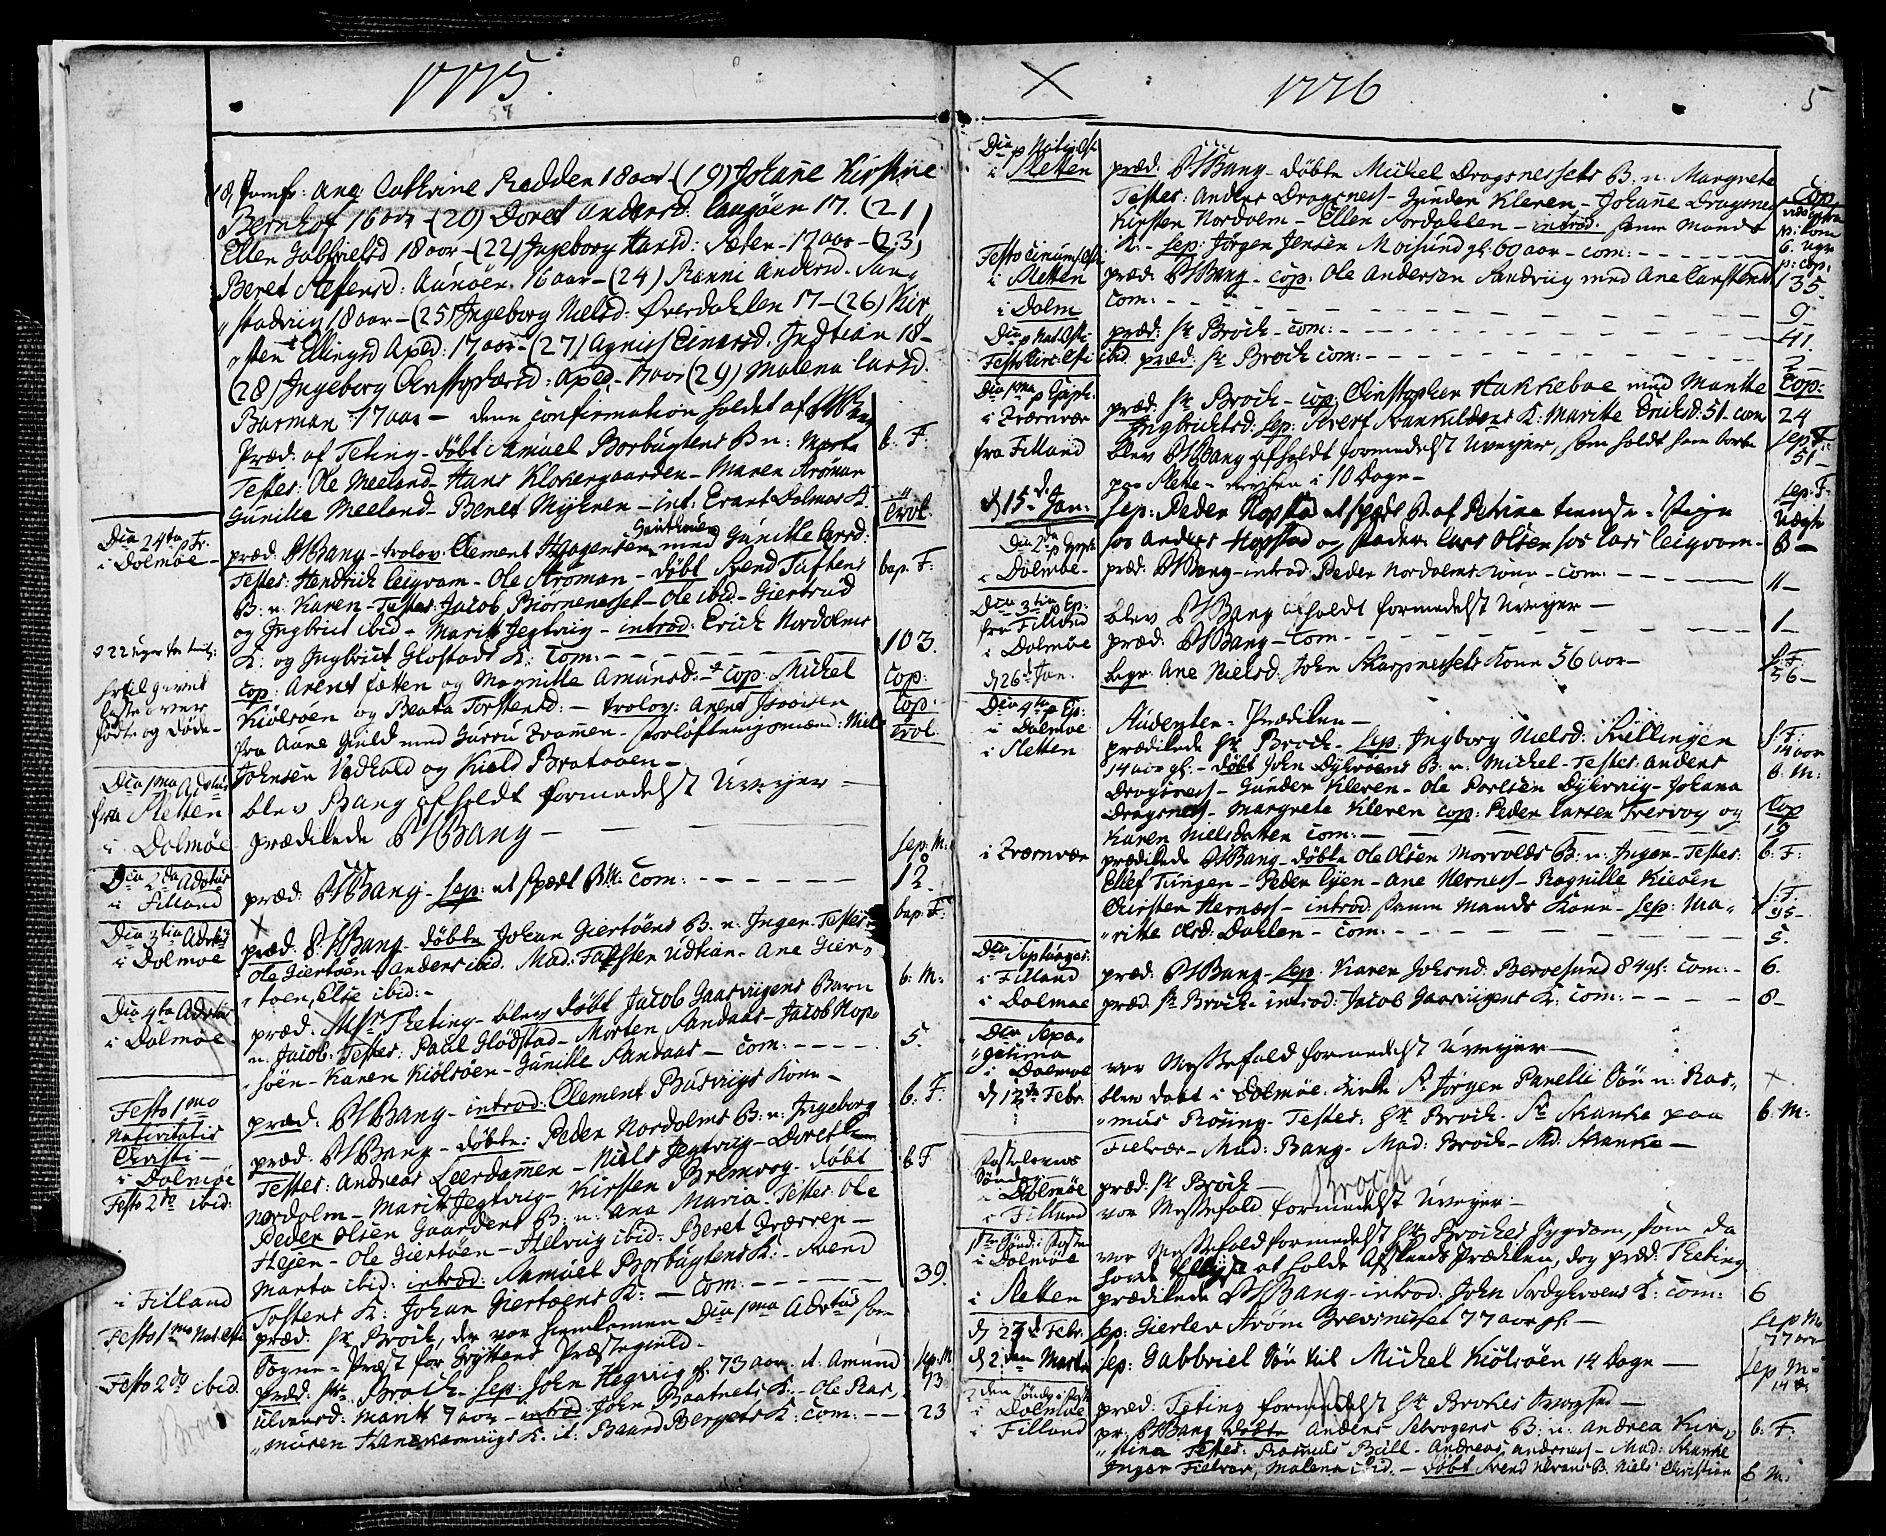 SAT, Ministerialprotokoller, klokkerbøker og fødselsregistre - Sør-Trøndelag, 634/L0526: Ministerialbok nr. 634A02, 1775-1818, s. 5